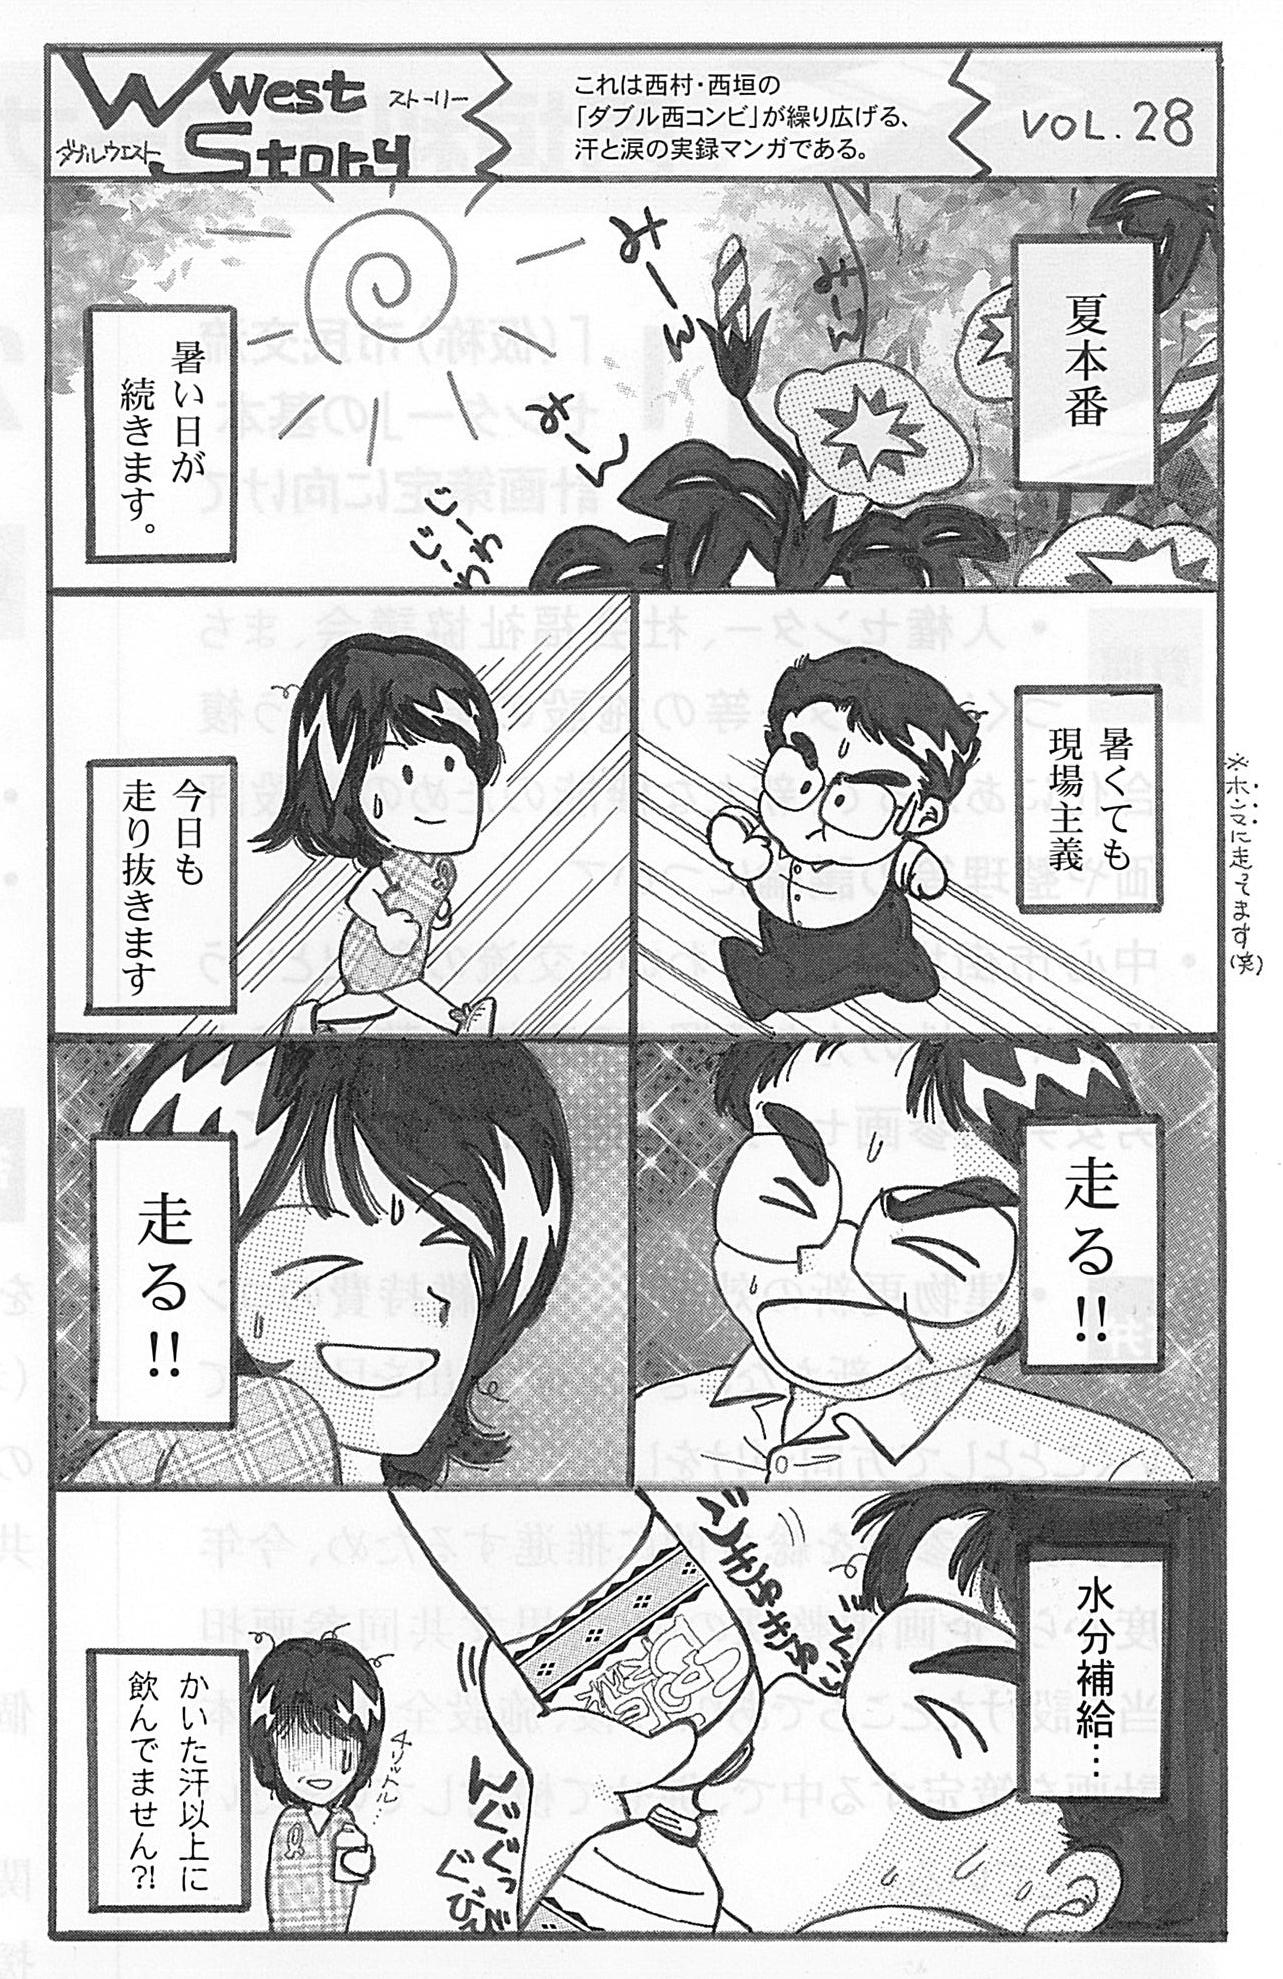 jitsuroku_vol28.jpg